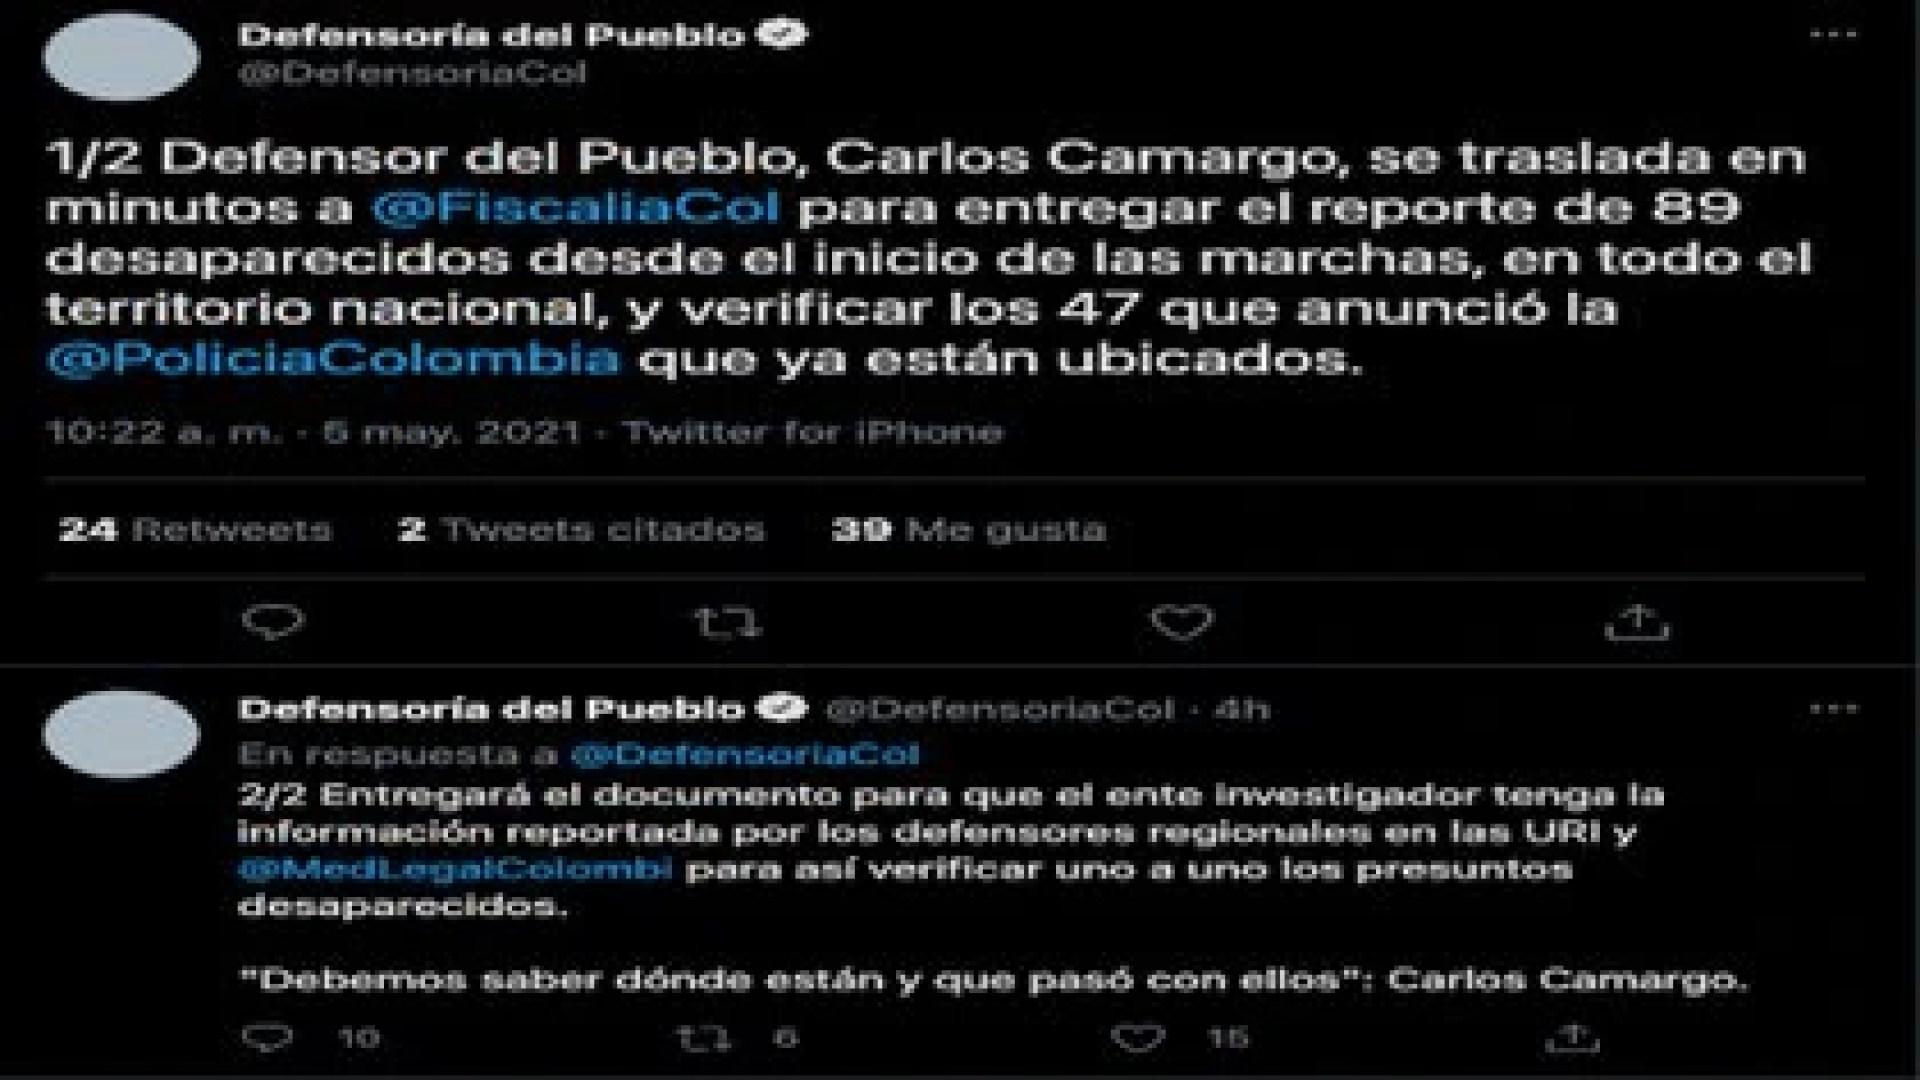 Balance de desapariciones en Colombia por la Defensoría d el Pueblo, miércoles 5 de mayo de 2021 / (Twitter: @DefensoriaCol).